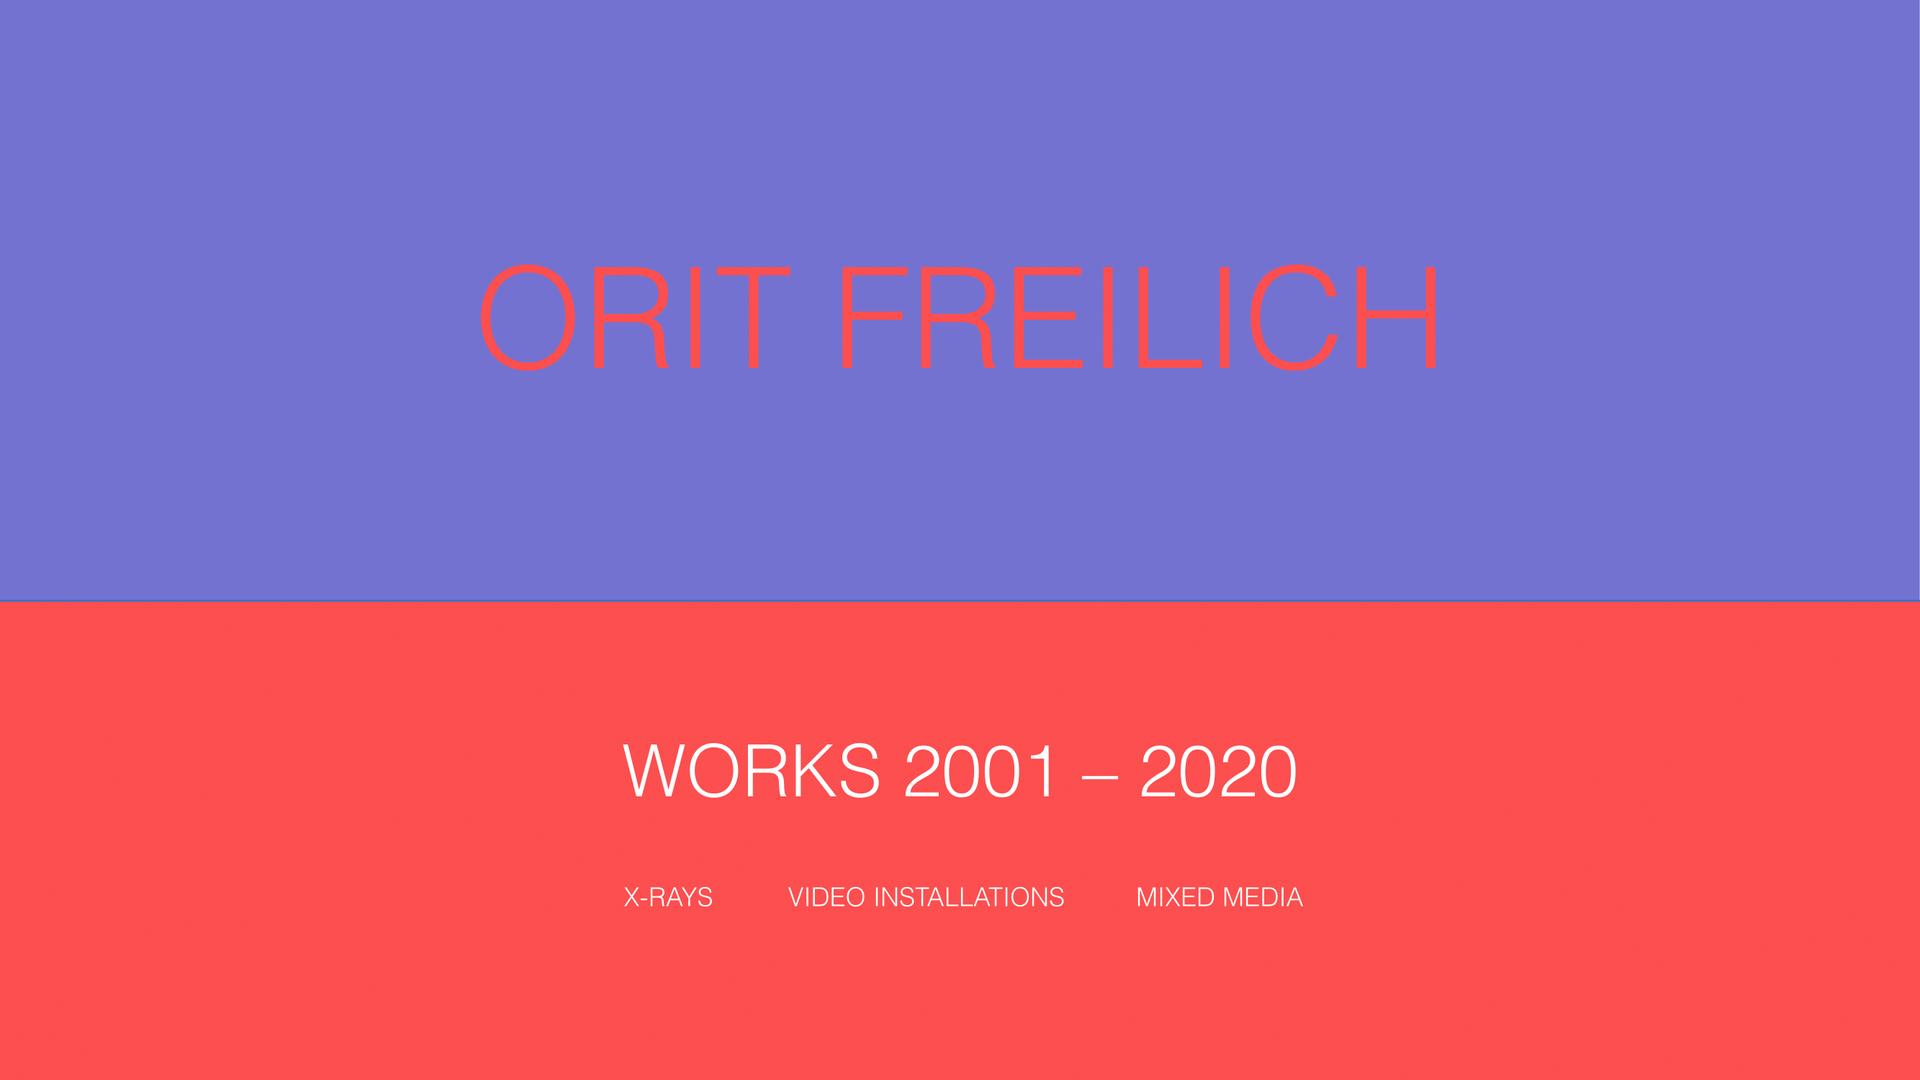 Orit Freilich_Portfolio 2020 Final-01.pn